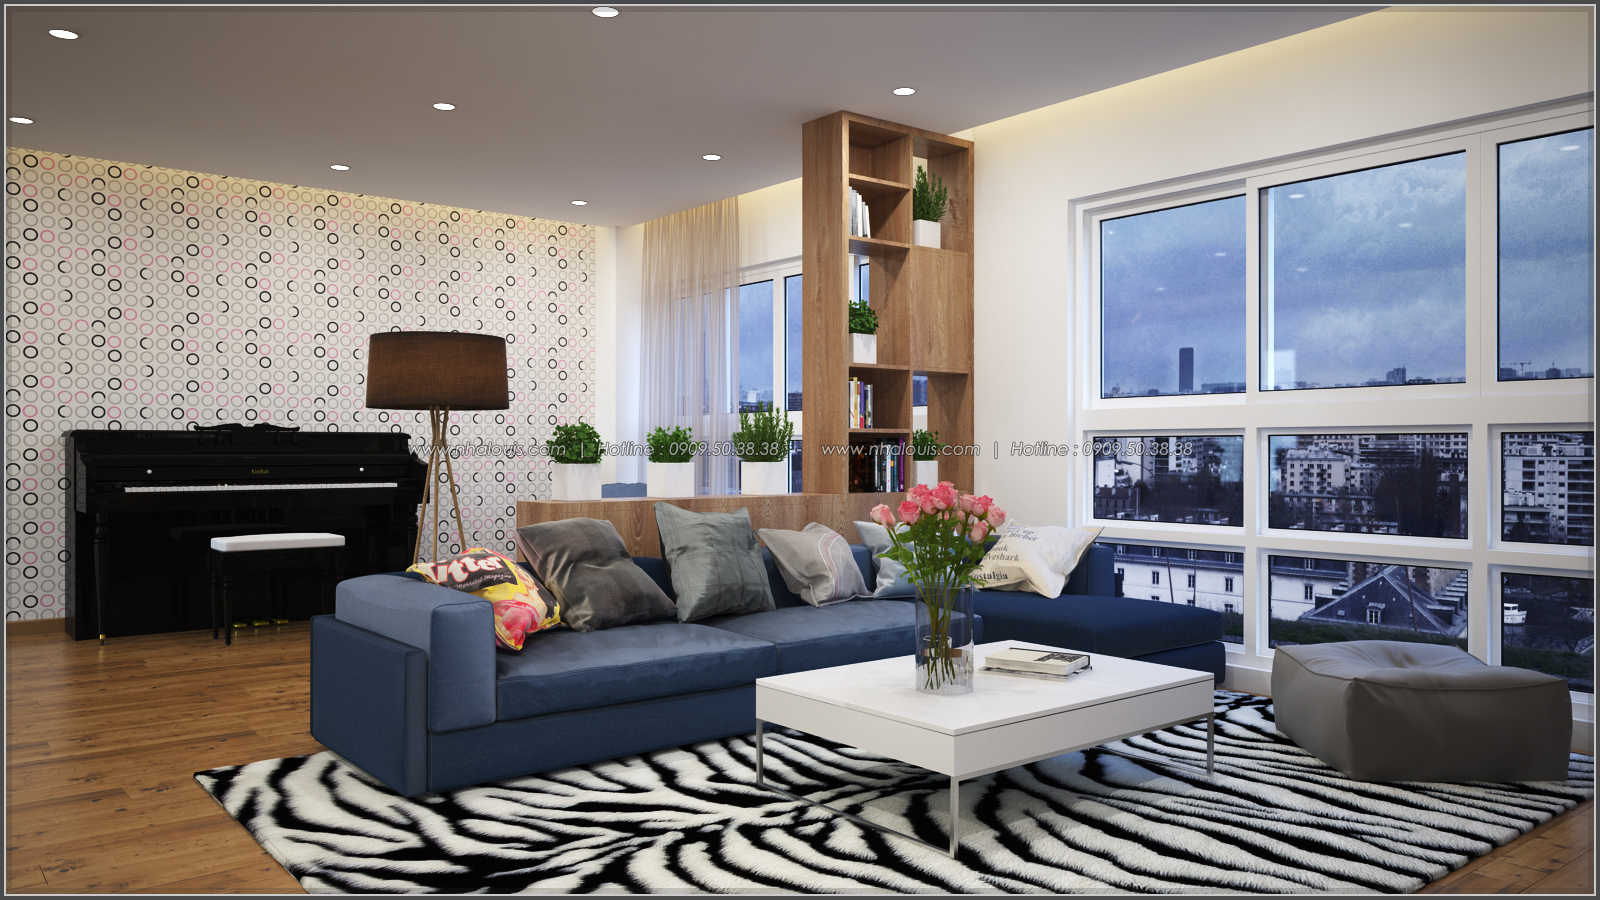 Mẫu căn hộ 3 phòng ngủ dự án Happy Valley Quận 7 [Video]